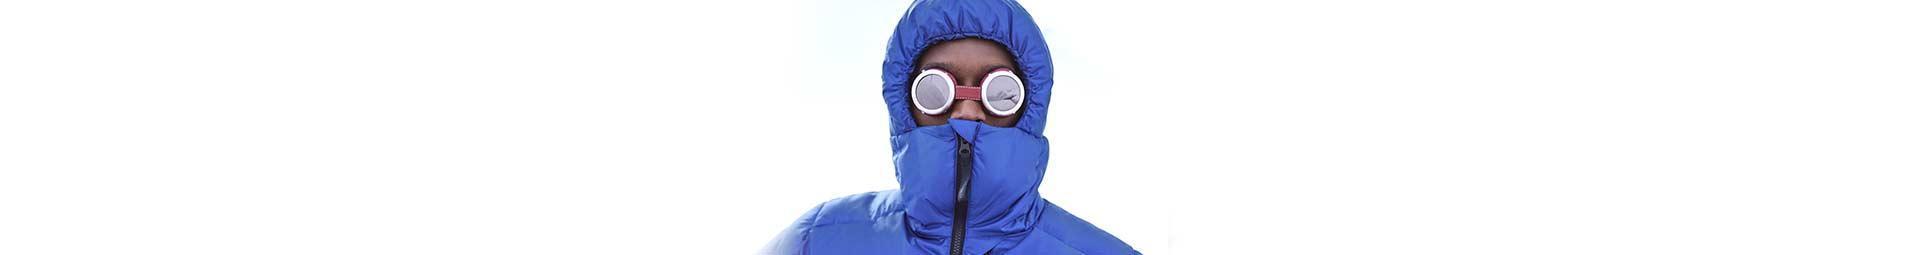 Doudoune montagne garnie de duvet pour sports extrêmes - Pyrenex